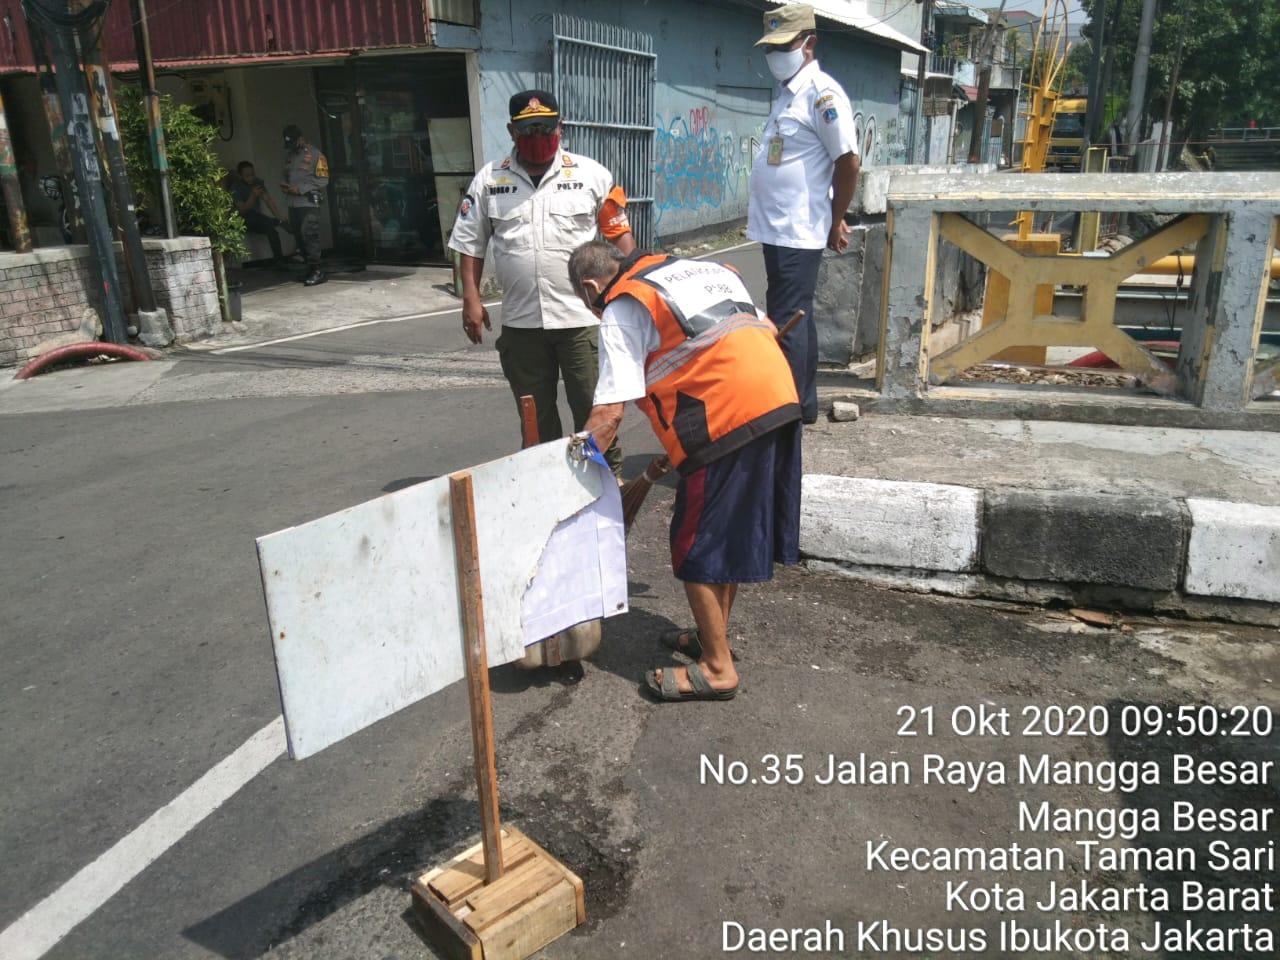 Tingkatkan Prokes bersama 3 Pilar di Kawasan Mangga Besar V Jakarta Barat